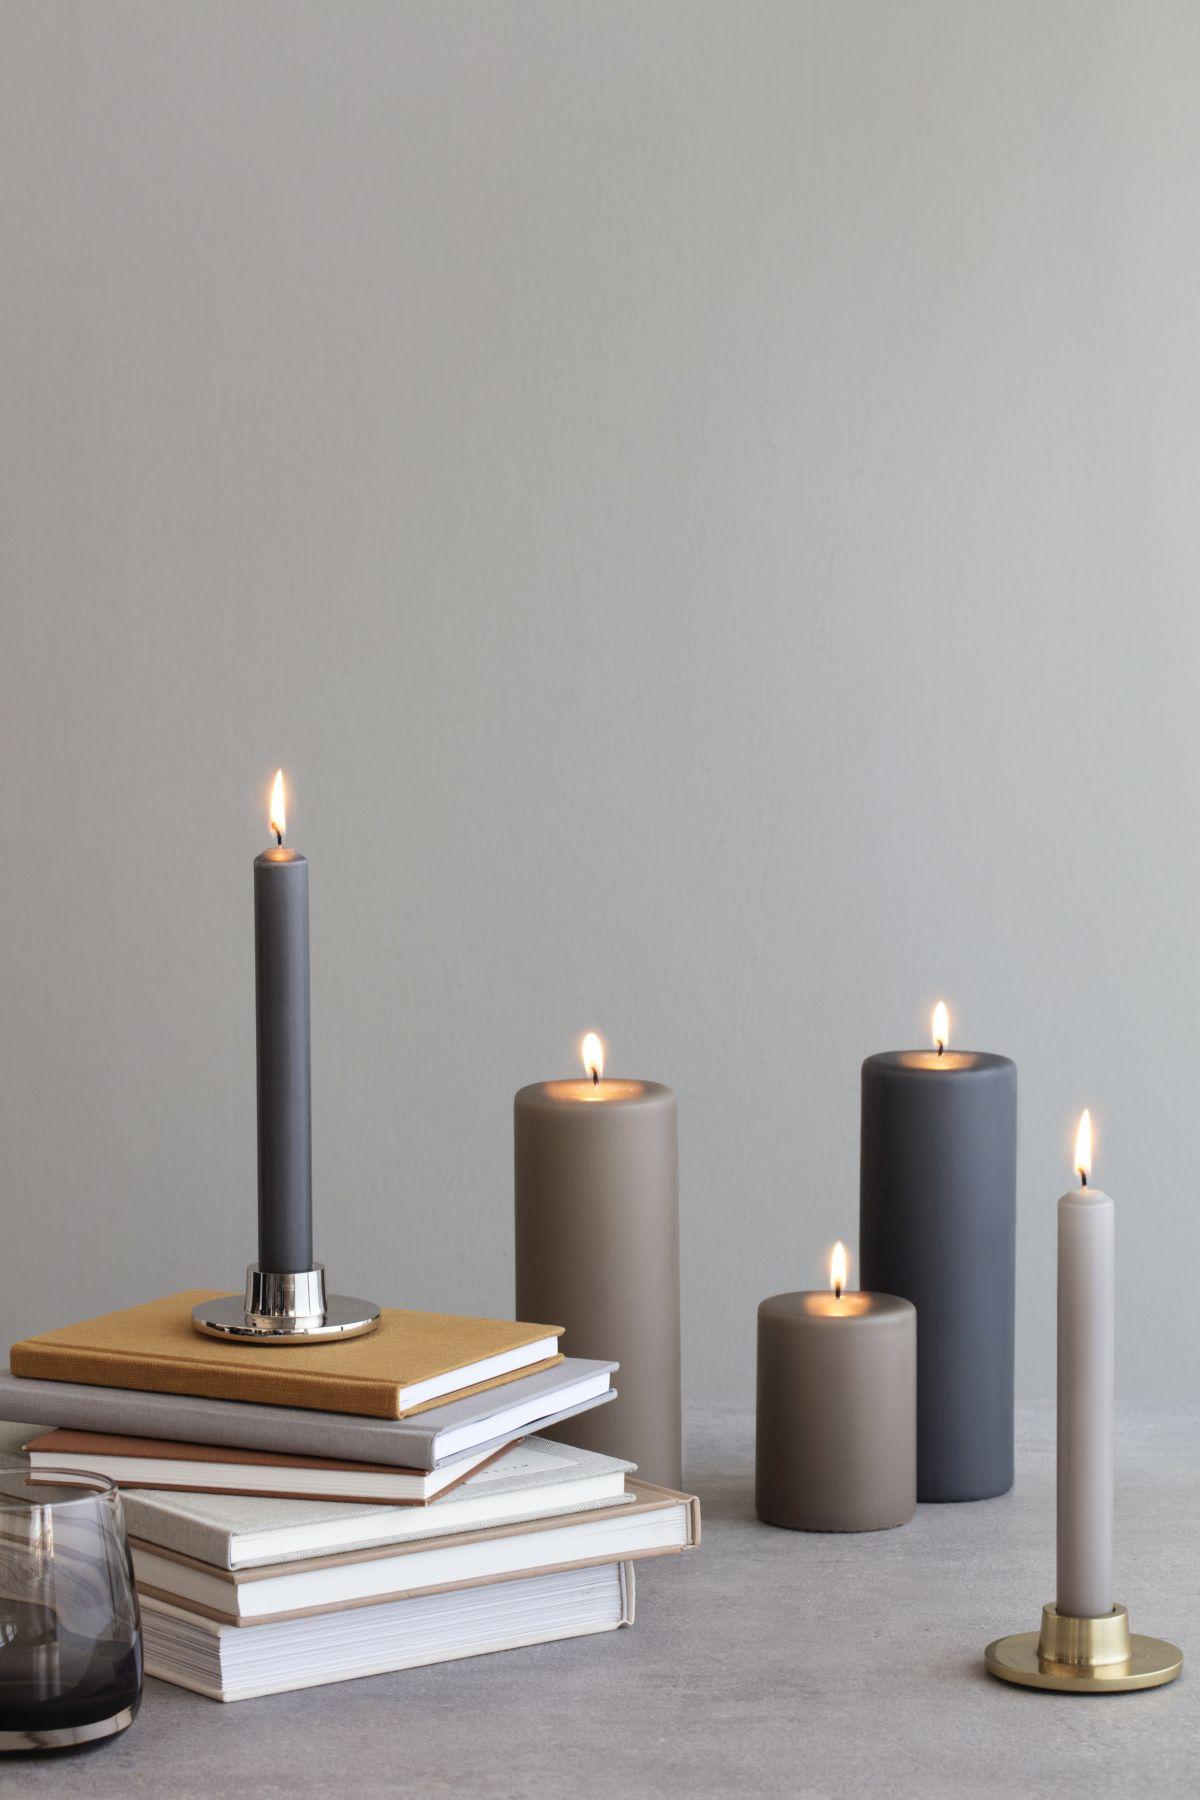 dekoracyjne świeczniki - świete - Broste Copenhagen jesień zima 2018